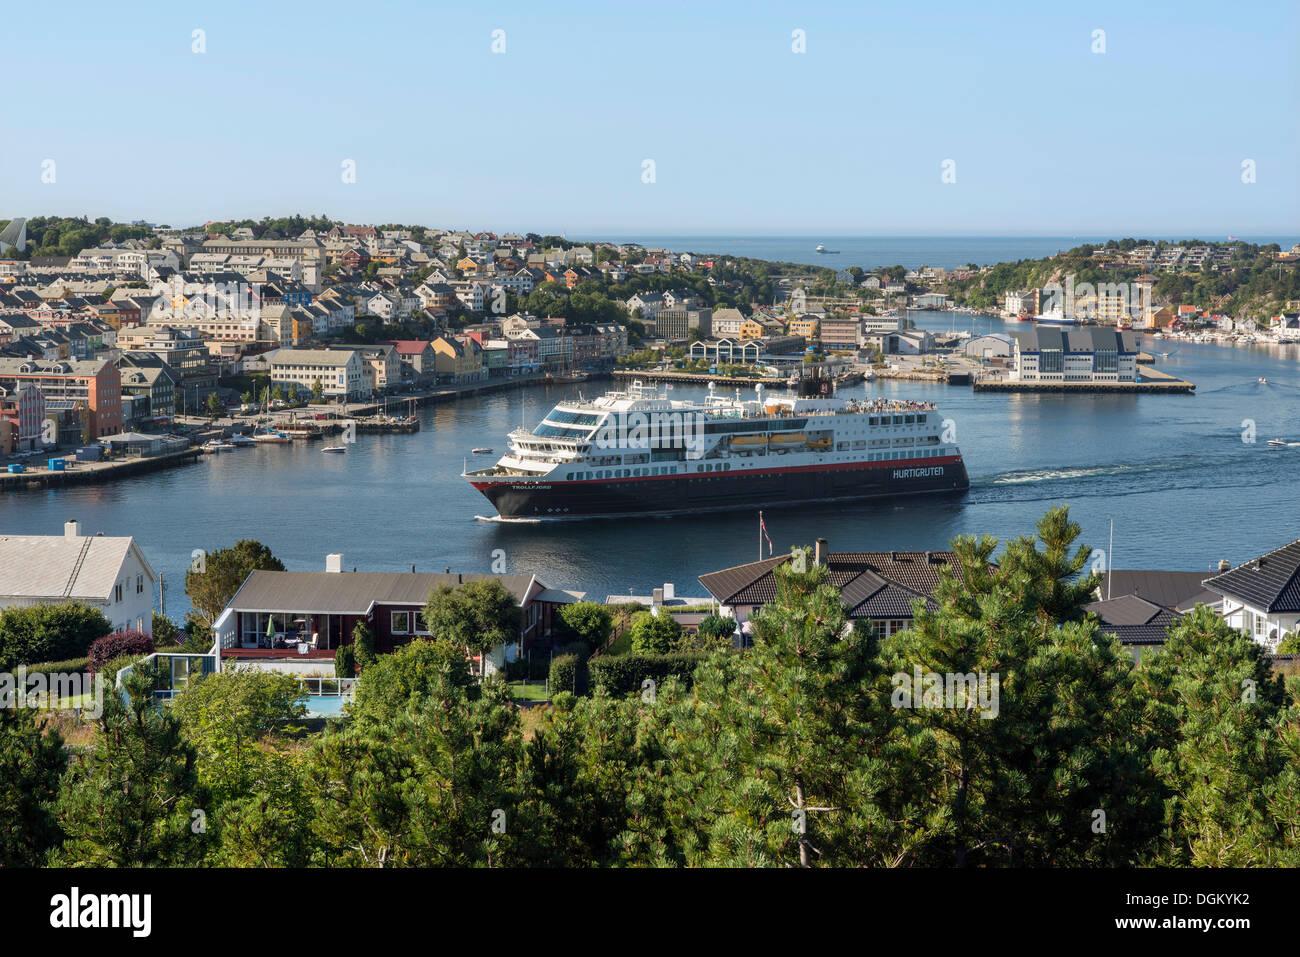 Vue urbaine avec le port comme un navire de croisière est au départ, Kristiansund, Møre og Romsdal, ouest de la Norvège, la Norvège Photo Stock